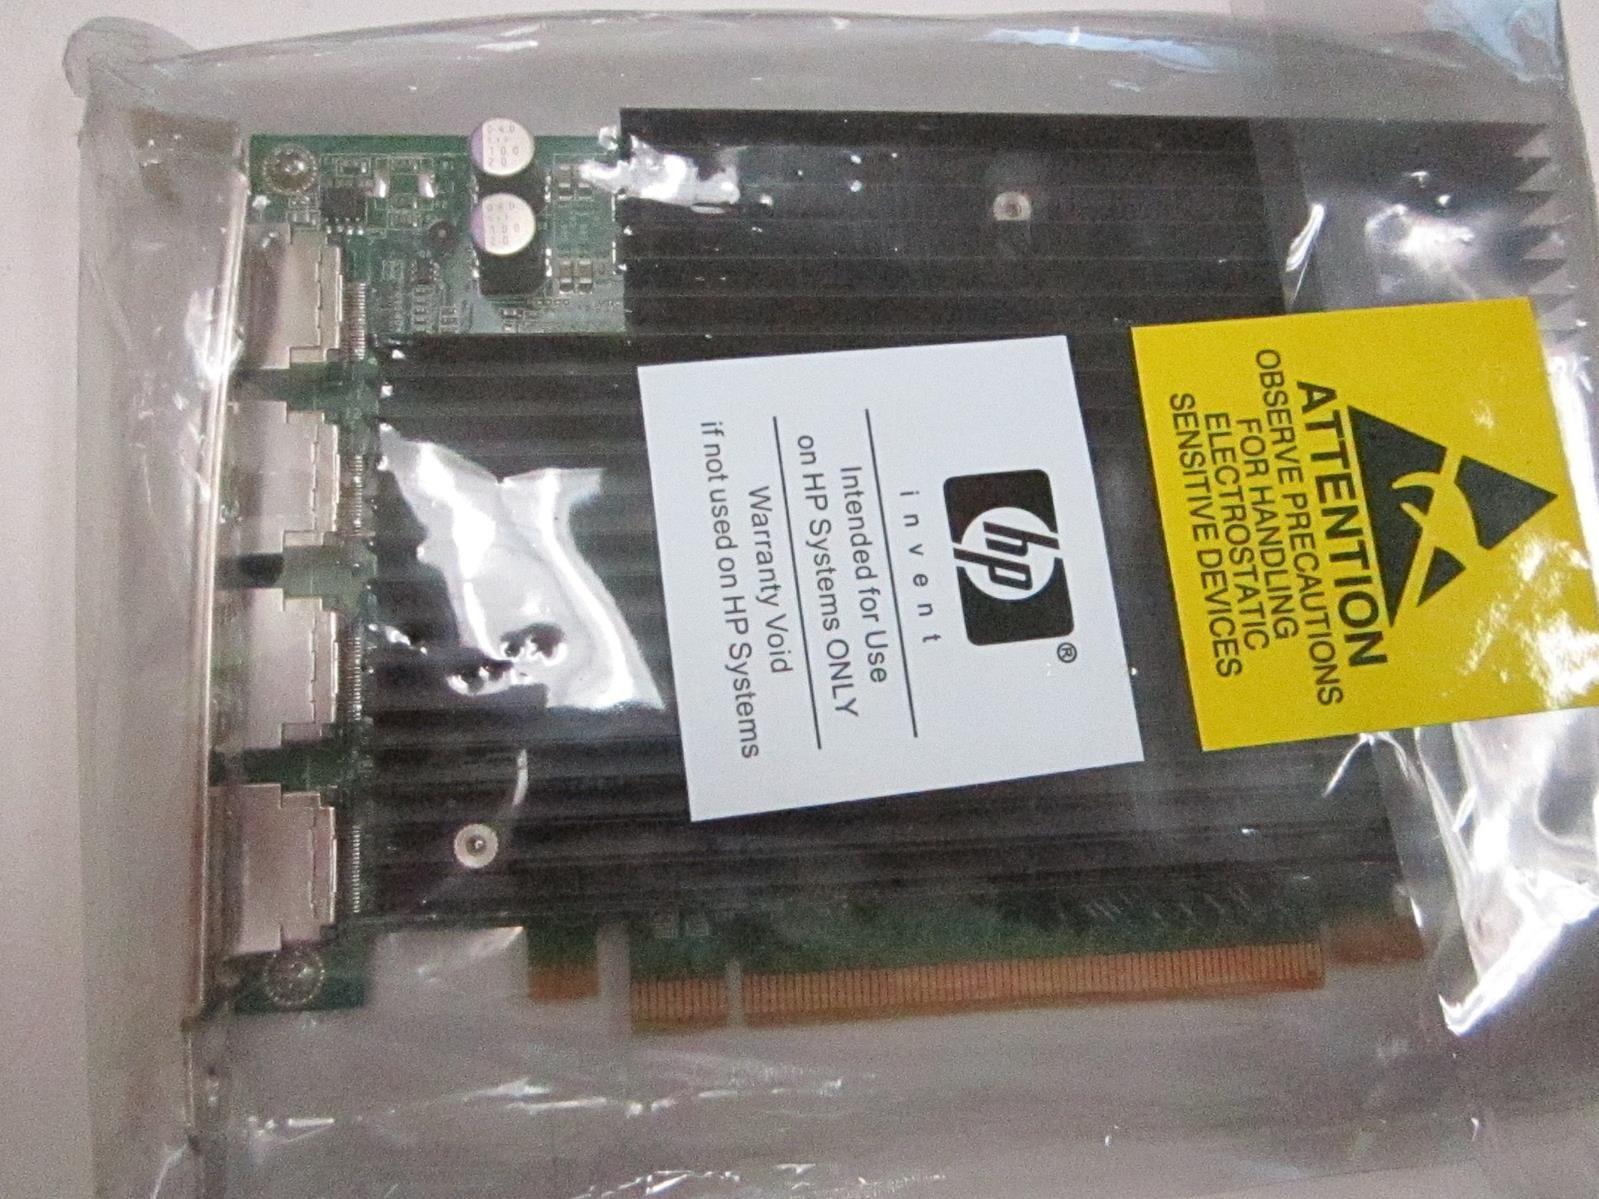 Hp Hewlett Packard 490565-001 Nvs 450 Quadro Graphics Card Hewlett Packard Templates For Calendars